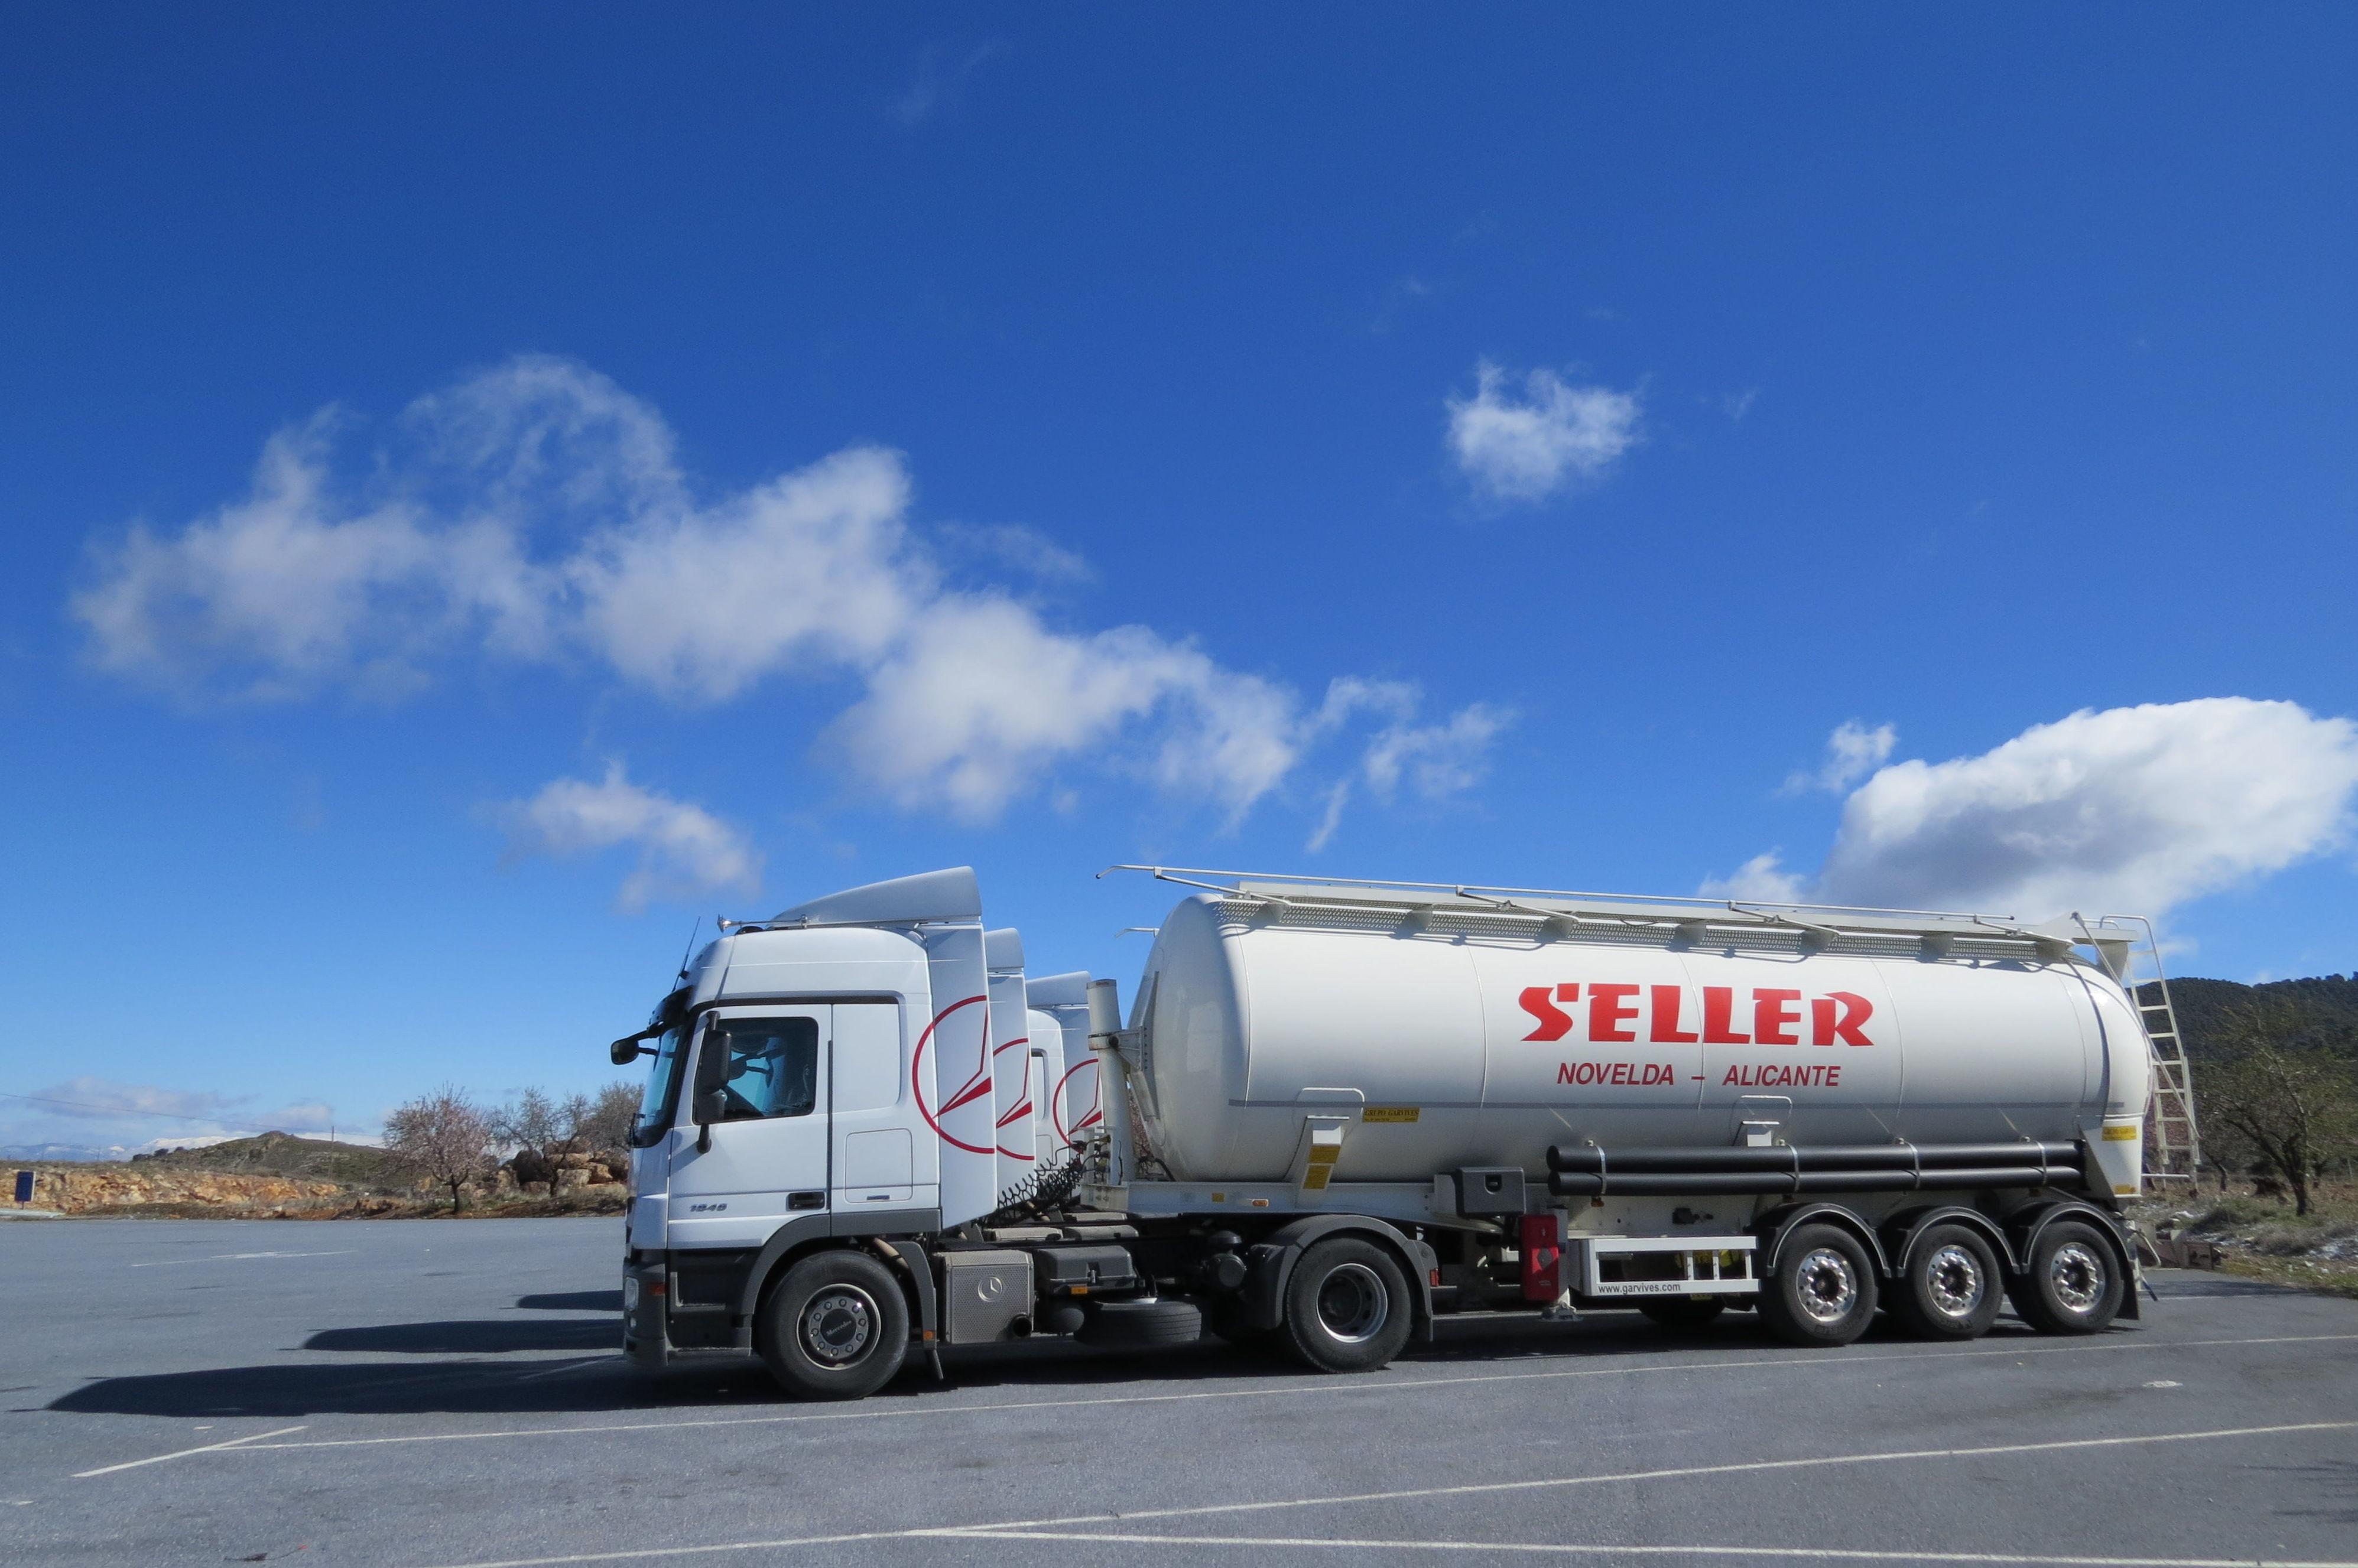 Transporte de harinas, sal y azúcar a través de cisternas alimentarias